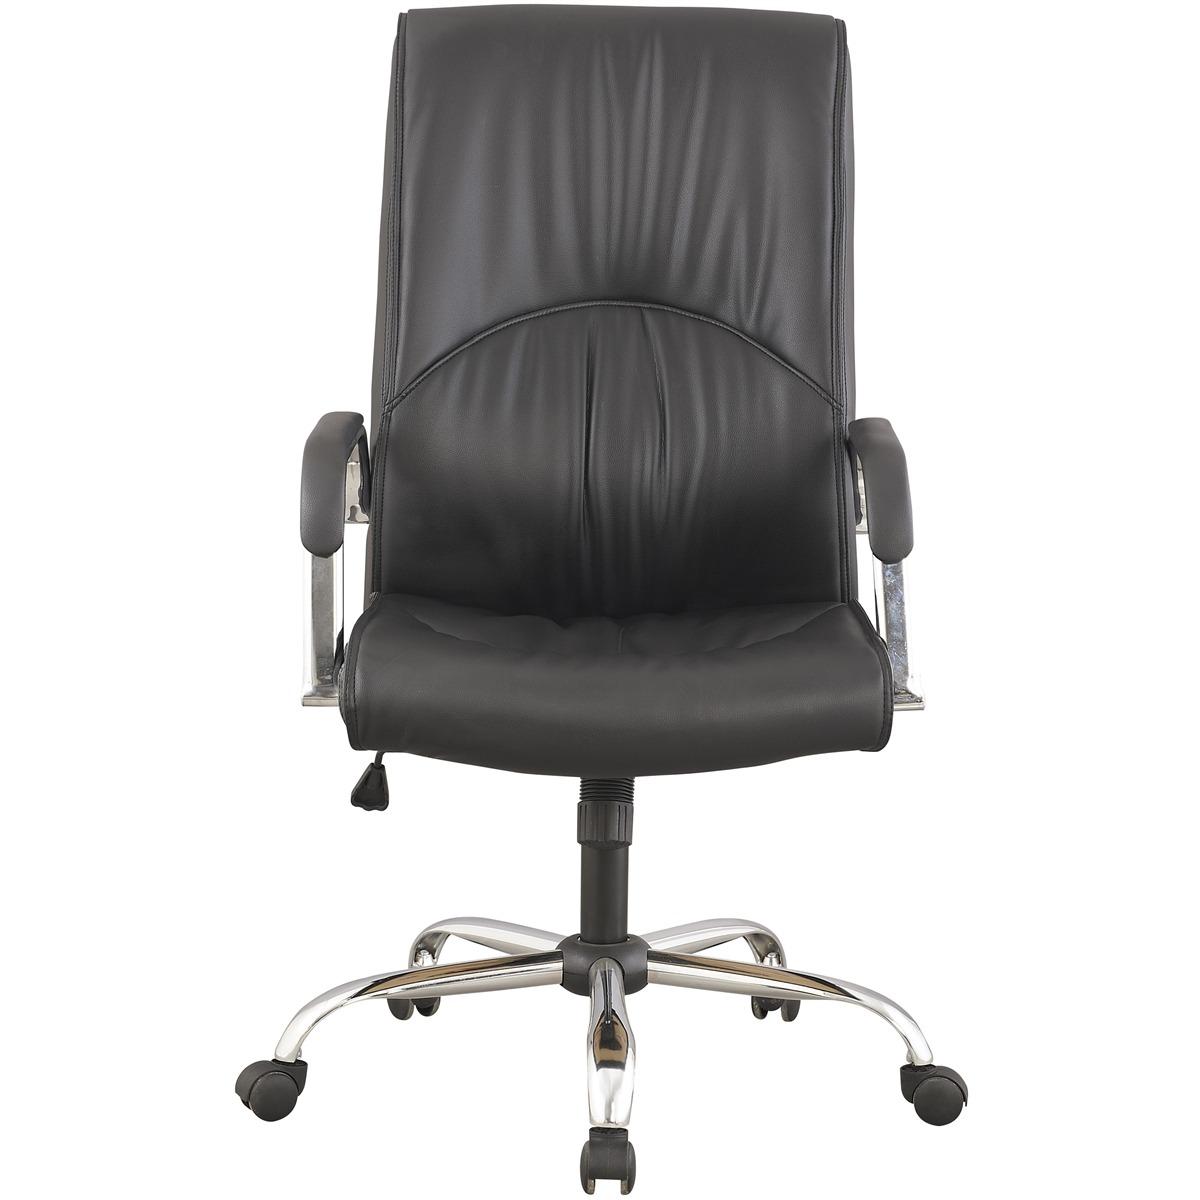 Cadeira Escritório Presidente Amplio Am0220 R$ 369 90 no  #6F665C 1200x1200